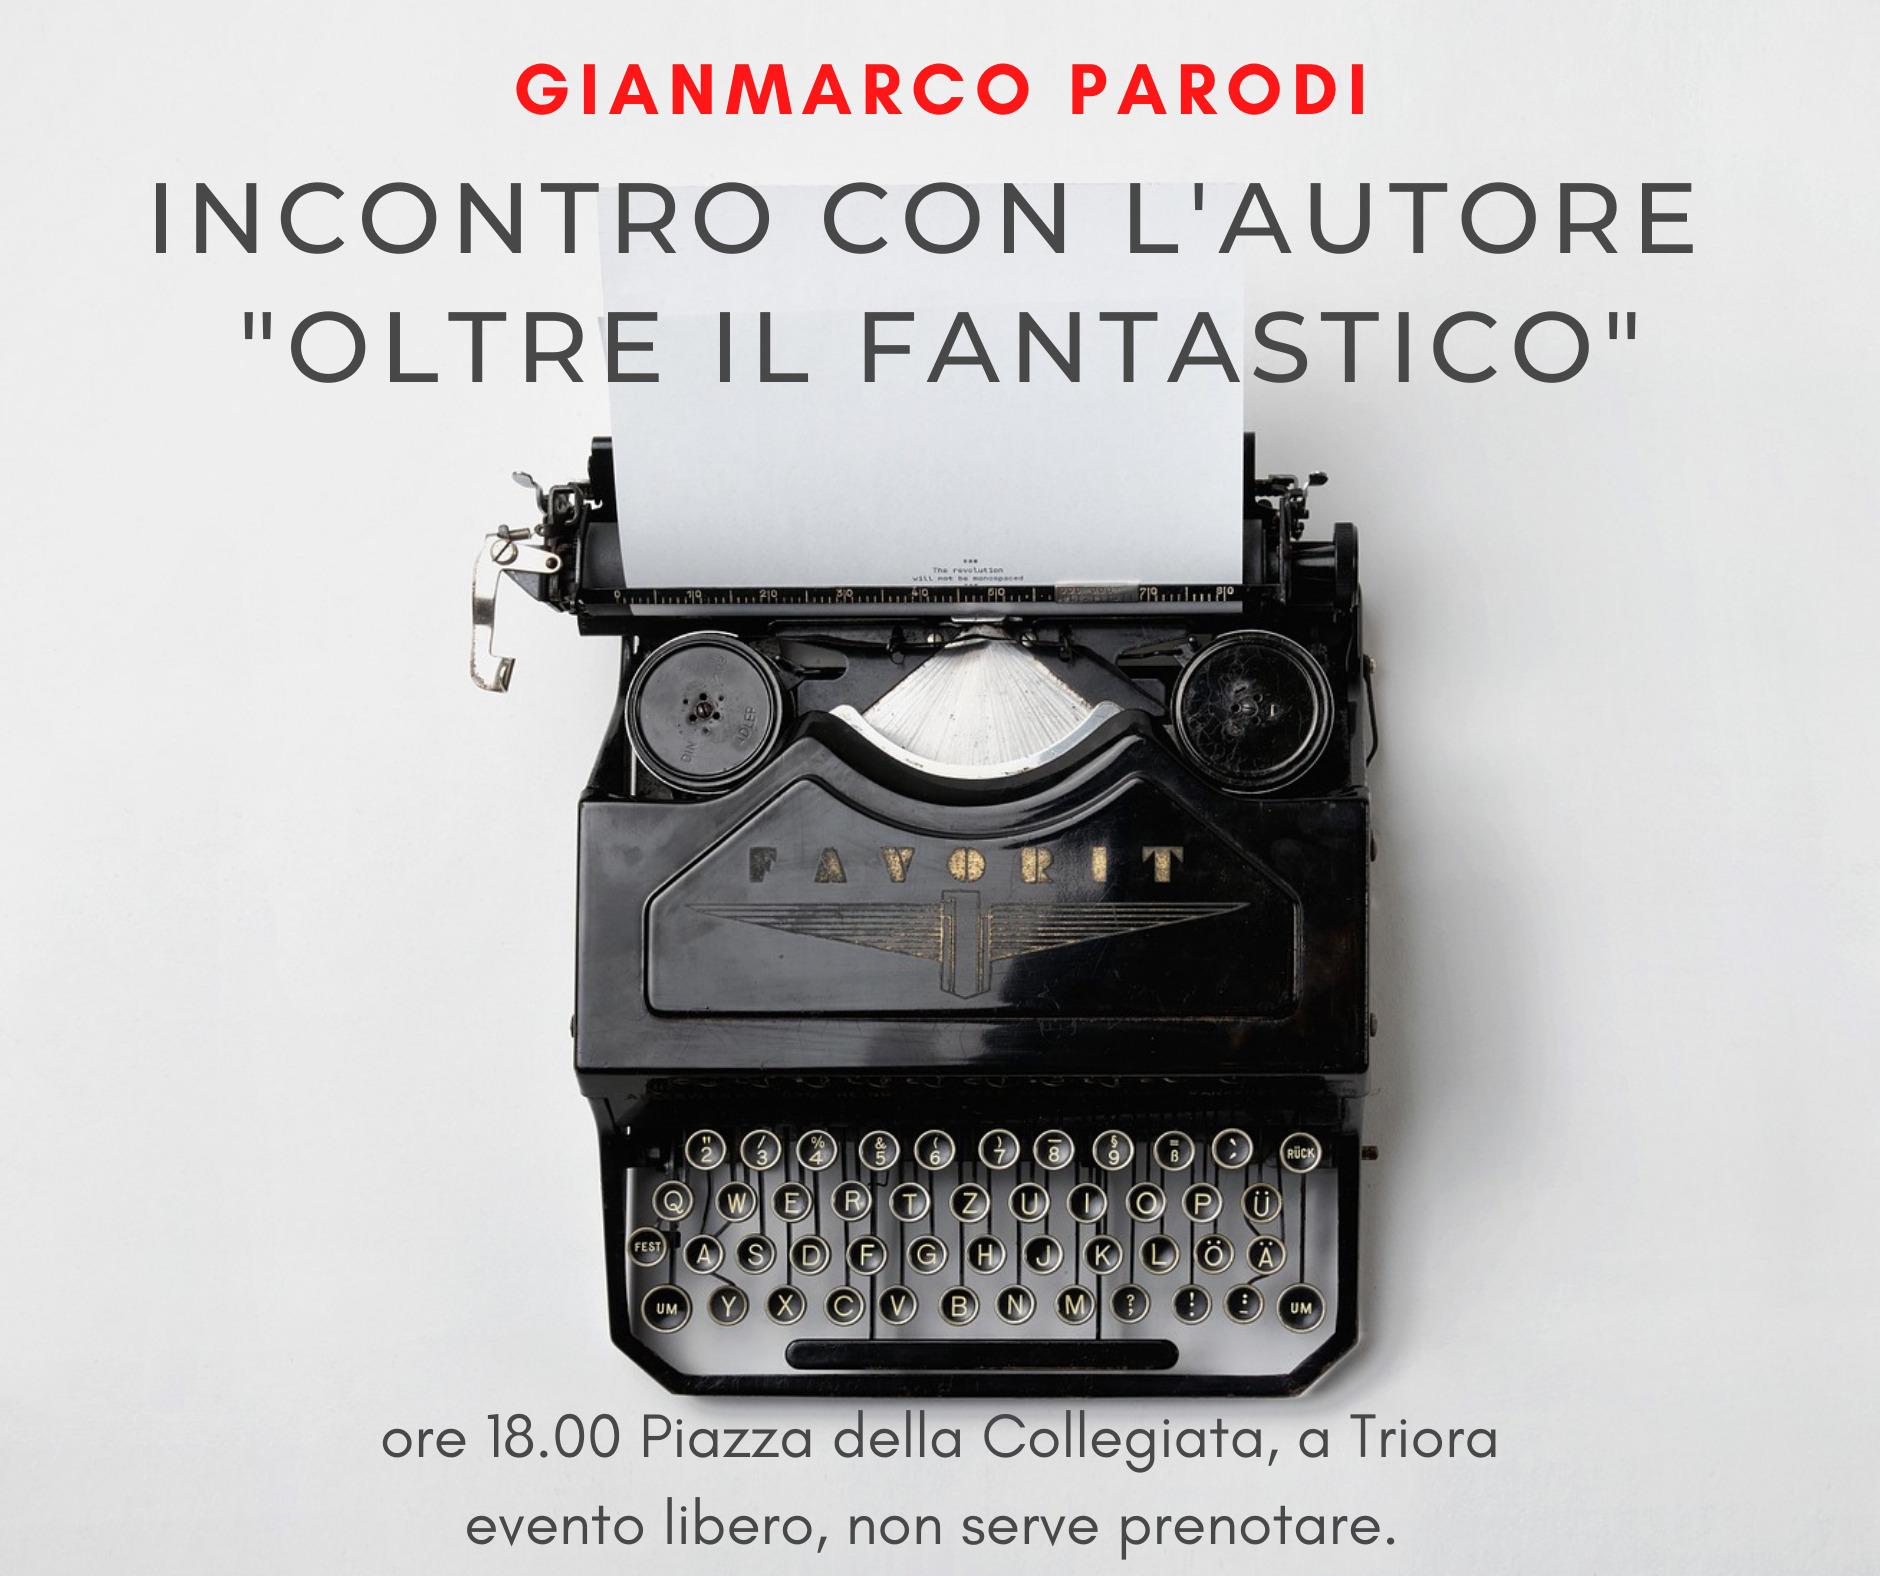 """Incontro con l'autore """"oltre il fantastico"""" Gianmarco Parodi"""